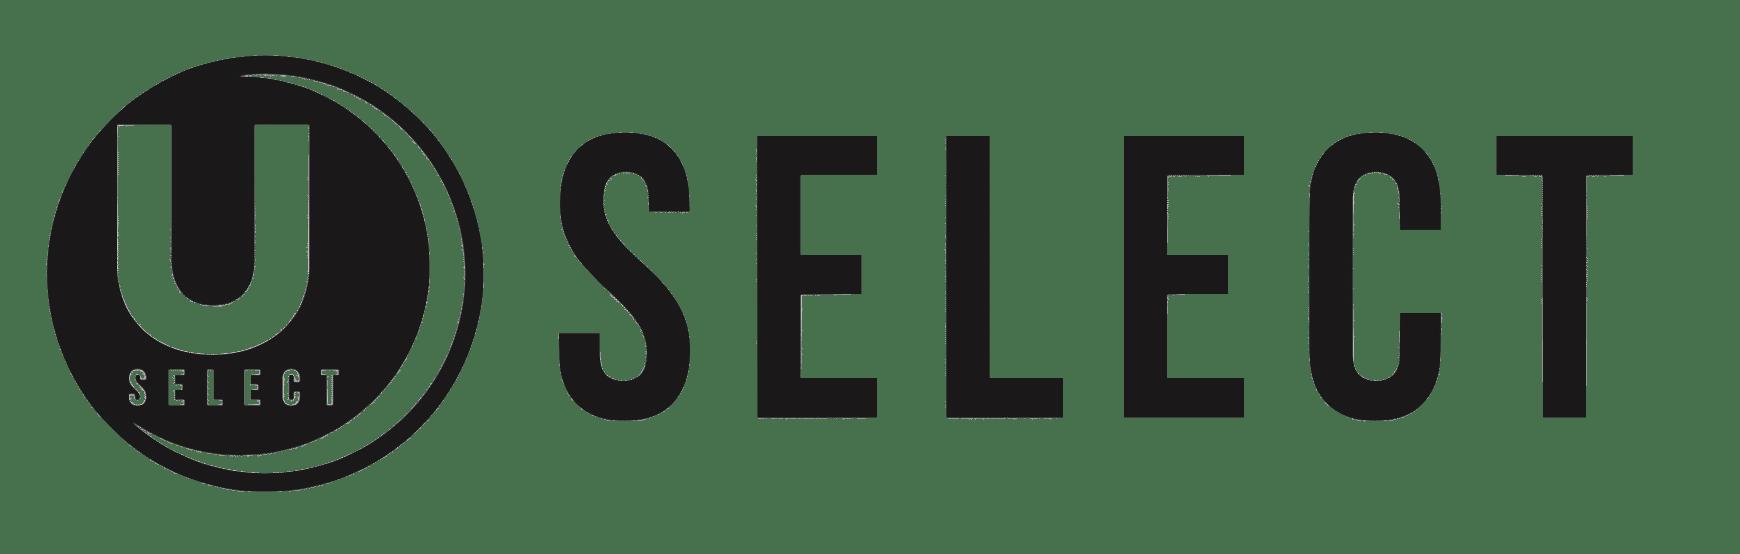 珪藻土のU-SELECT